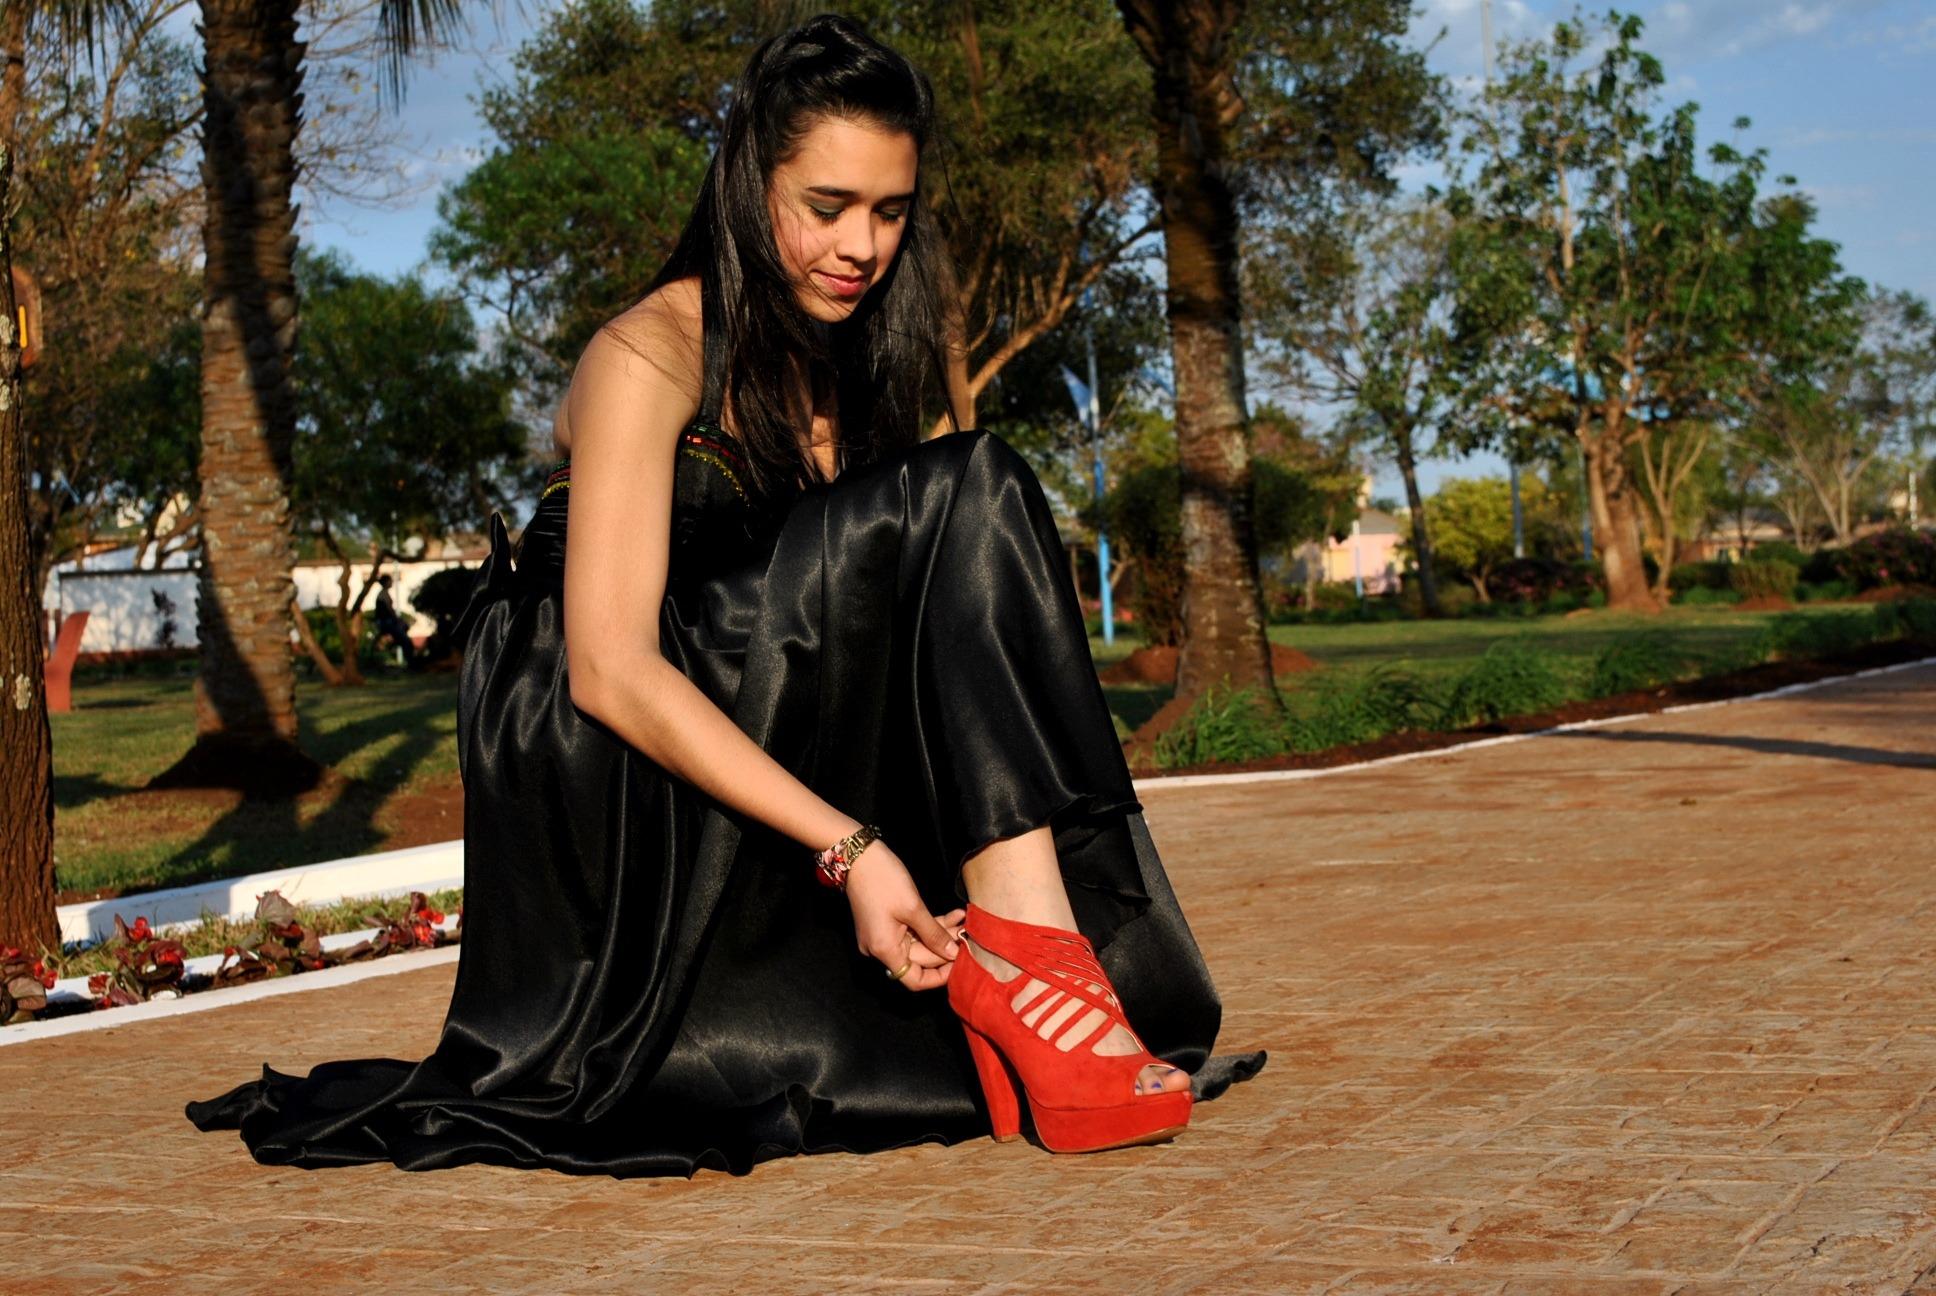 Gratis billeder : pige, fødder, ben, model, forår, fod, mode, tøj, dame, sandal, sort kjole ...